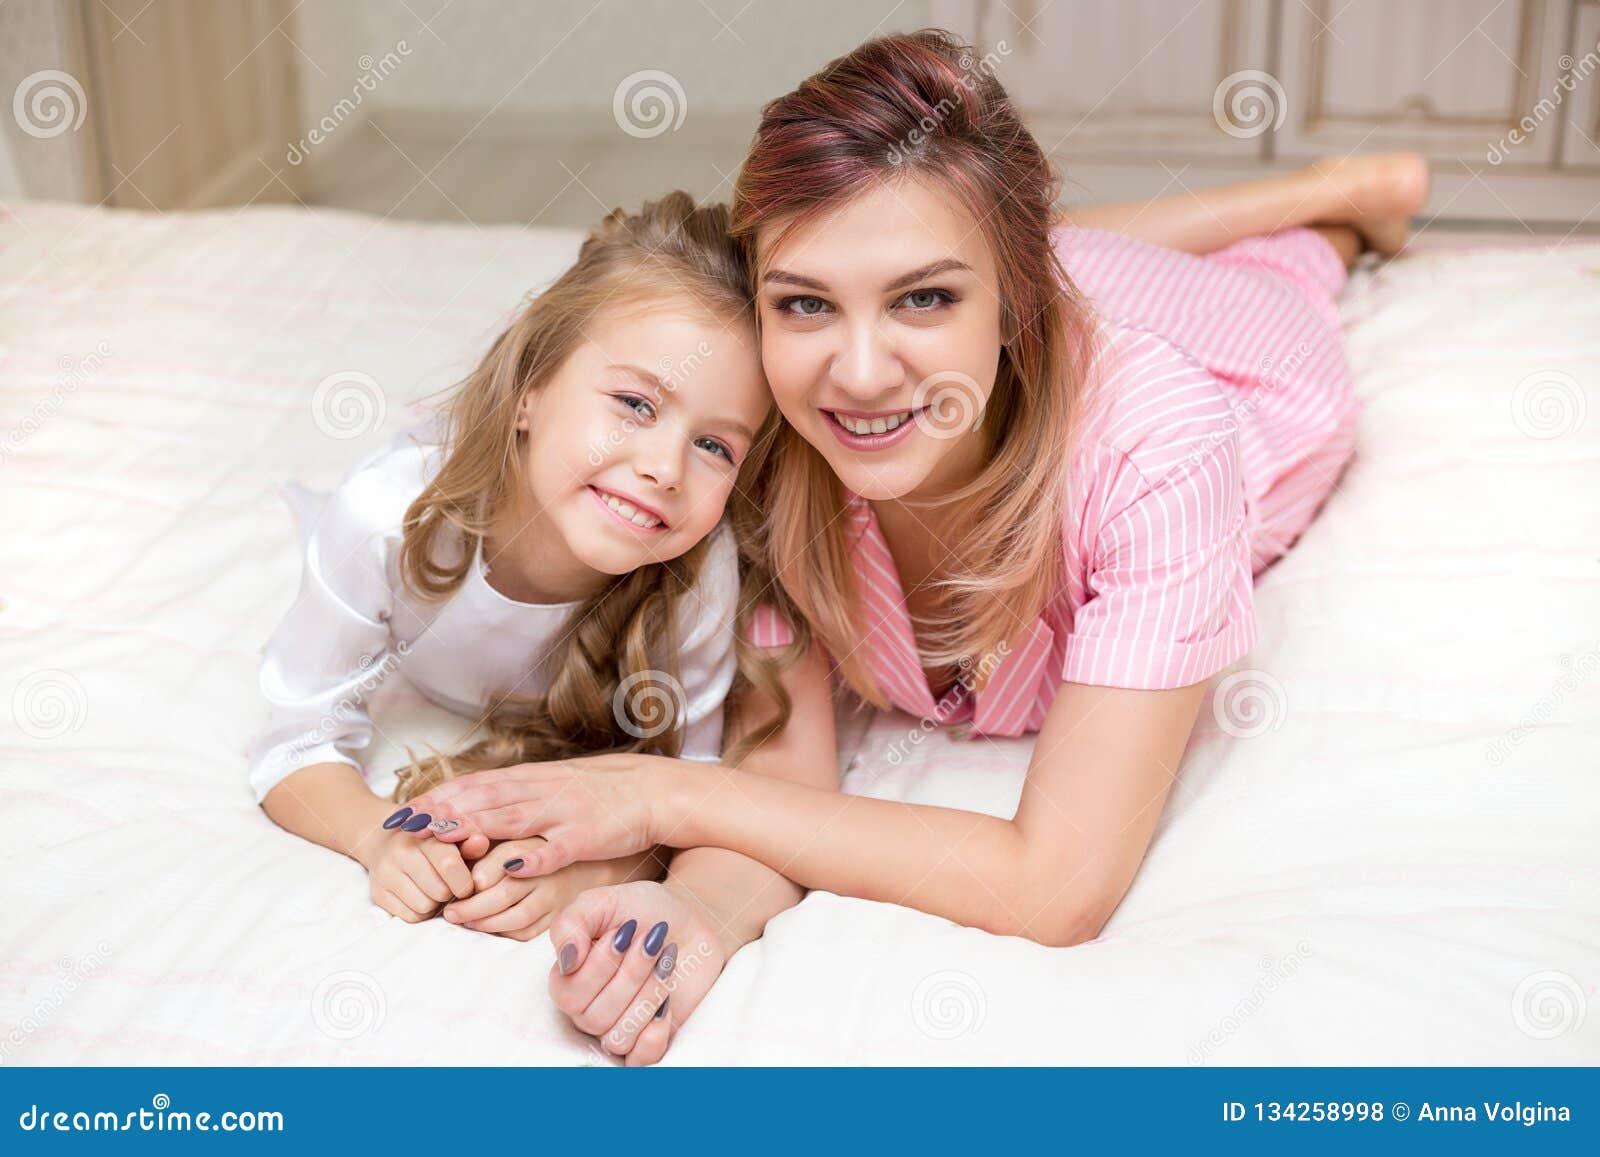 Moeder en dochter het spelen op een bed samen